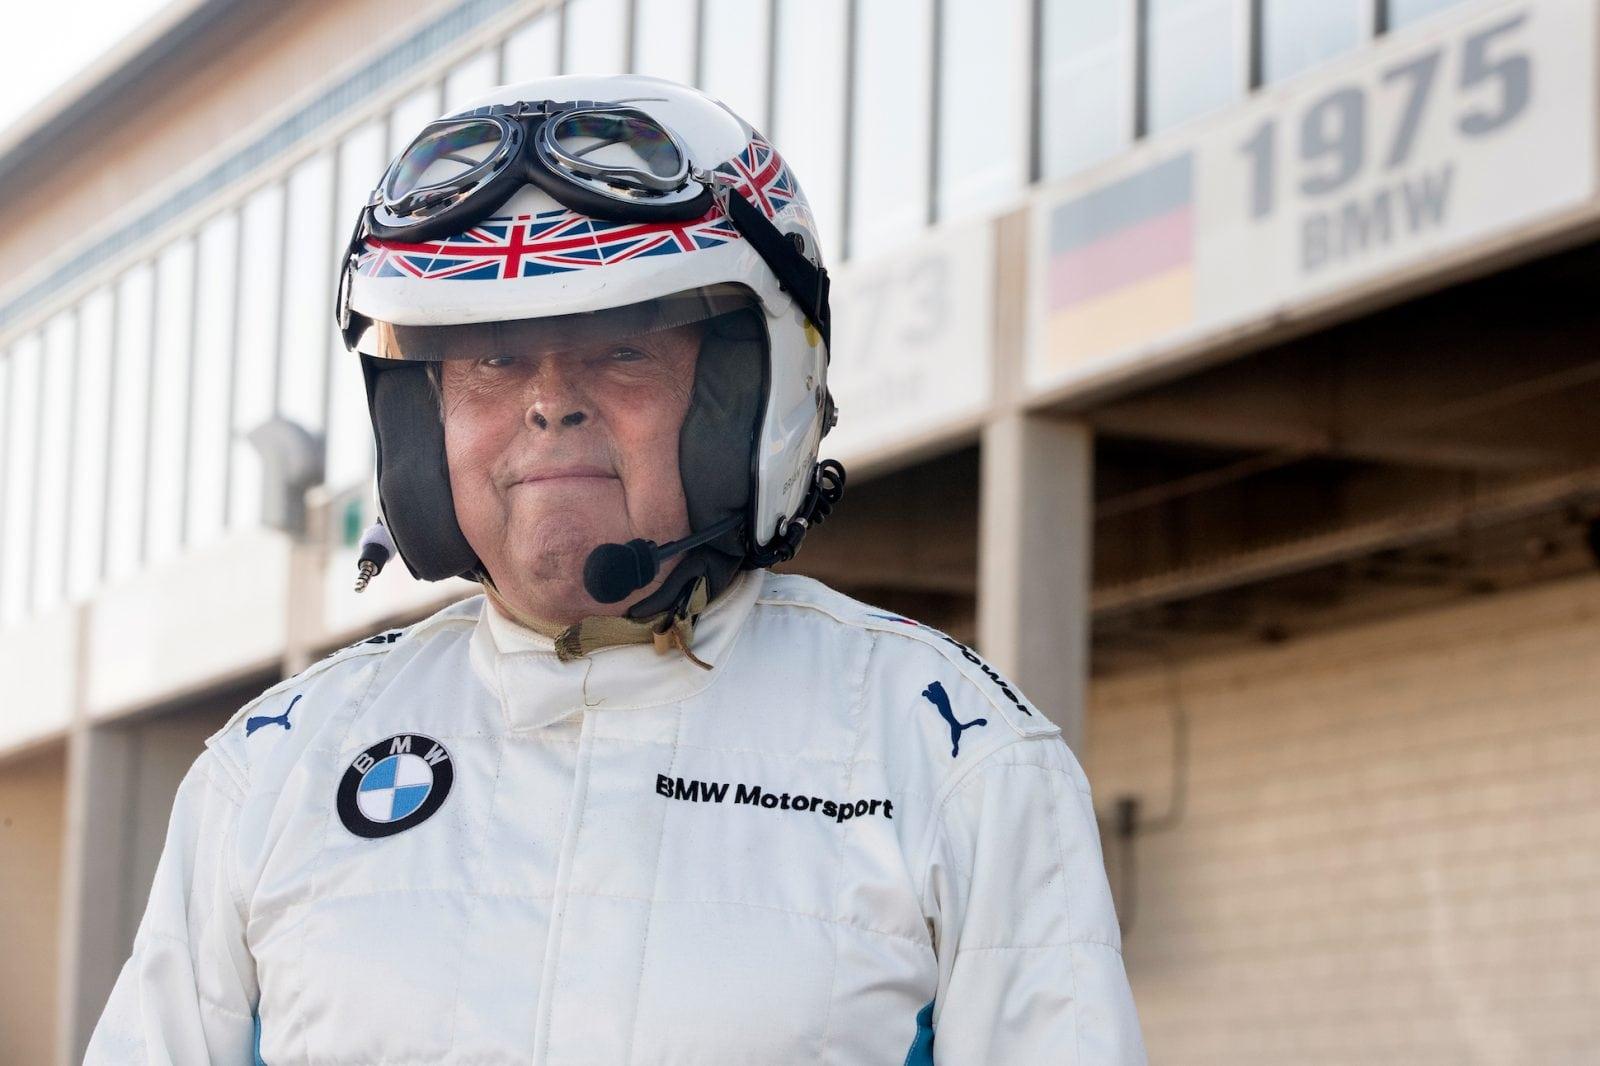 Первая победа BMW 3.0 CSL в США состоялась в 1975 году в гонке на выносливость 12 Hours of Sebring. Фото с празднования 40-летия этой победы на Amelia Island Concours d'Elegance в 2015 году. Пилот - Brian Redman.